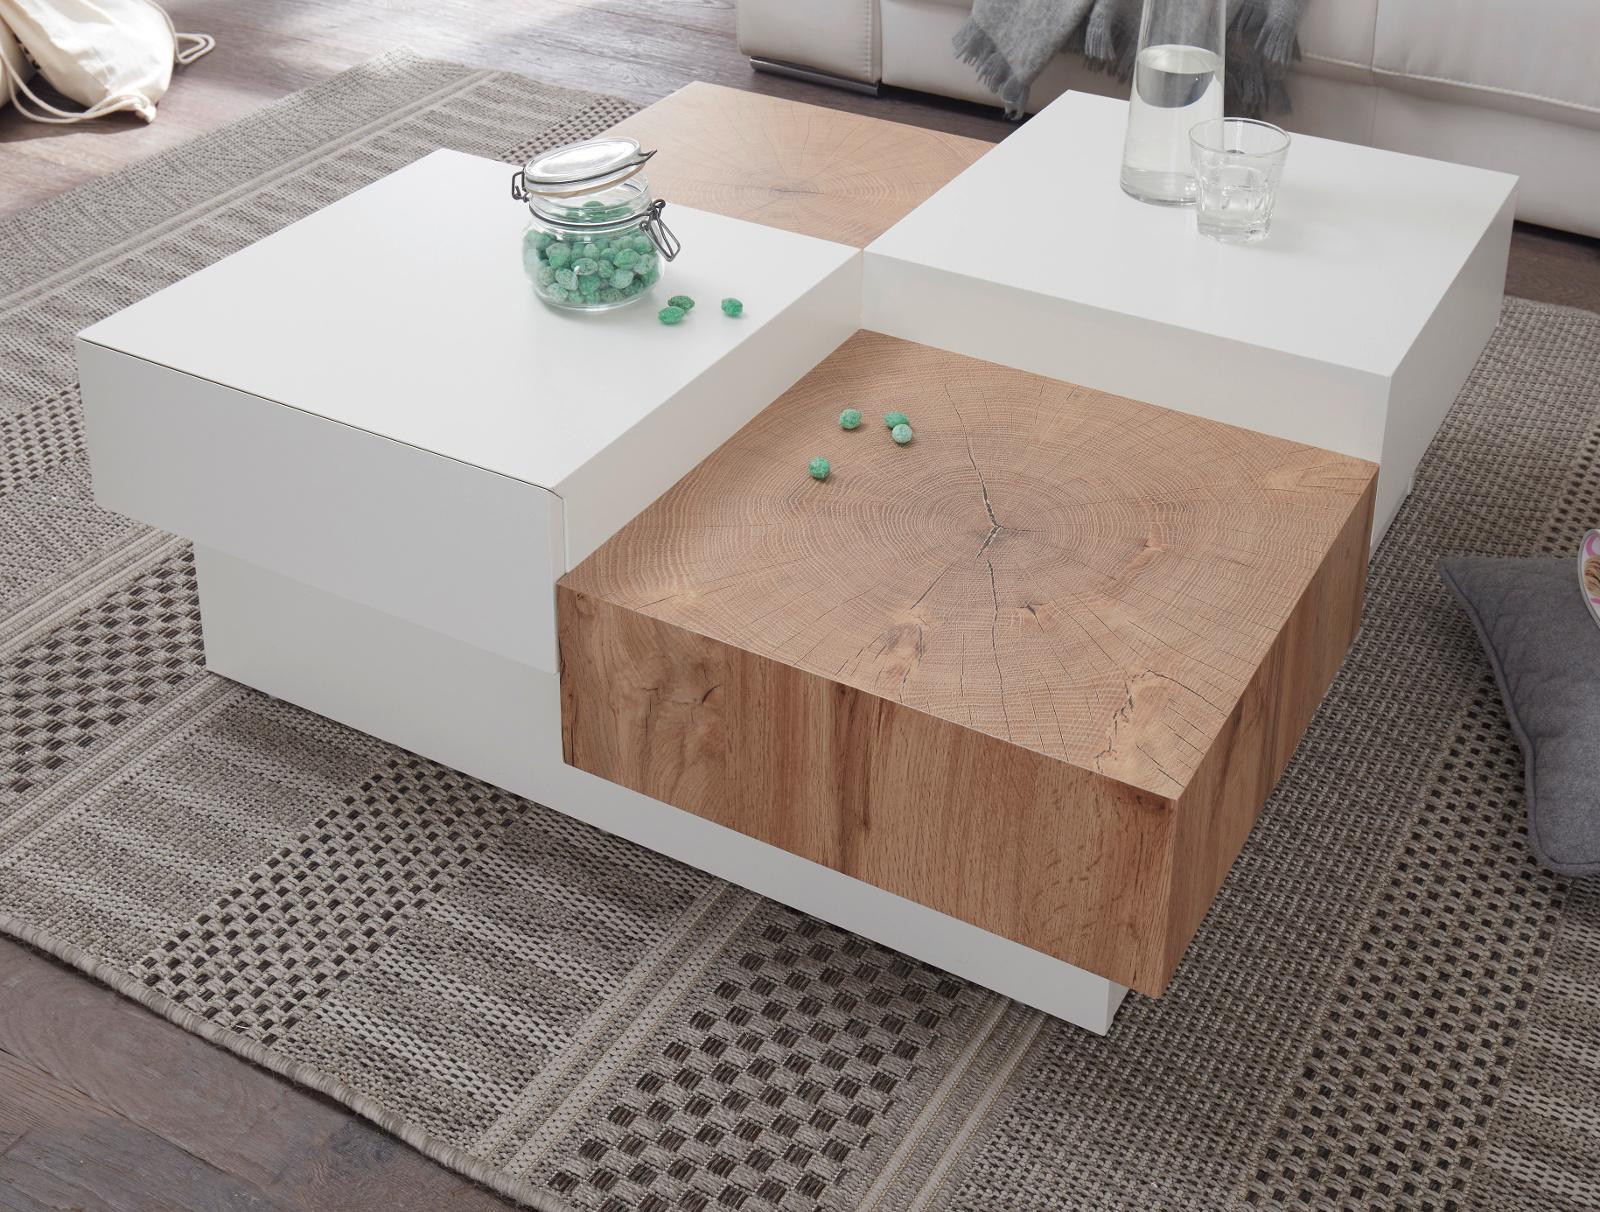 Couchtisch Pensa In Eiche Und Hochglanz Weiss Lackiert Wohnzimmertisch Mit 2 Schubkasten 90 X 90 Cm Quadratisch